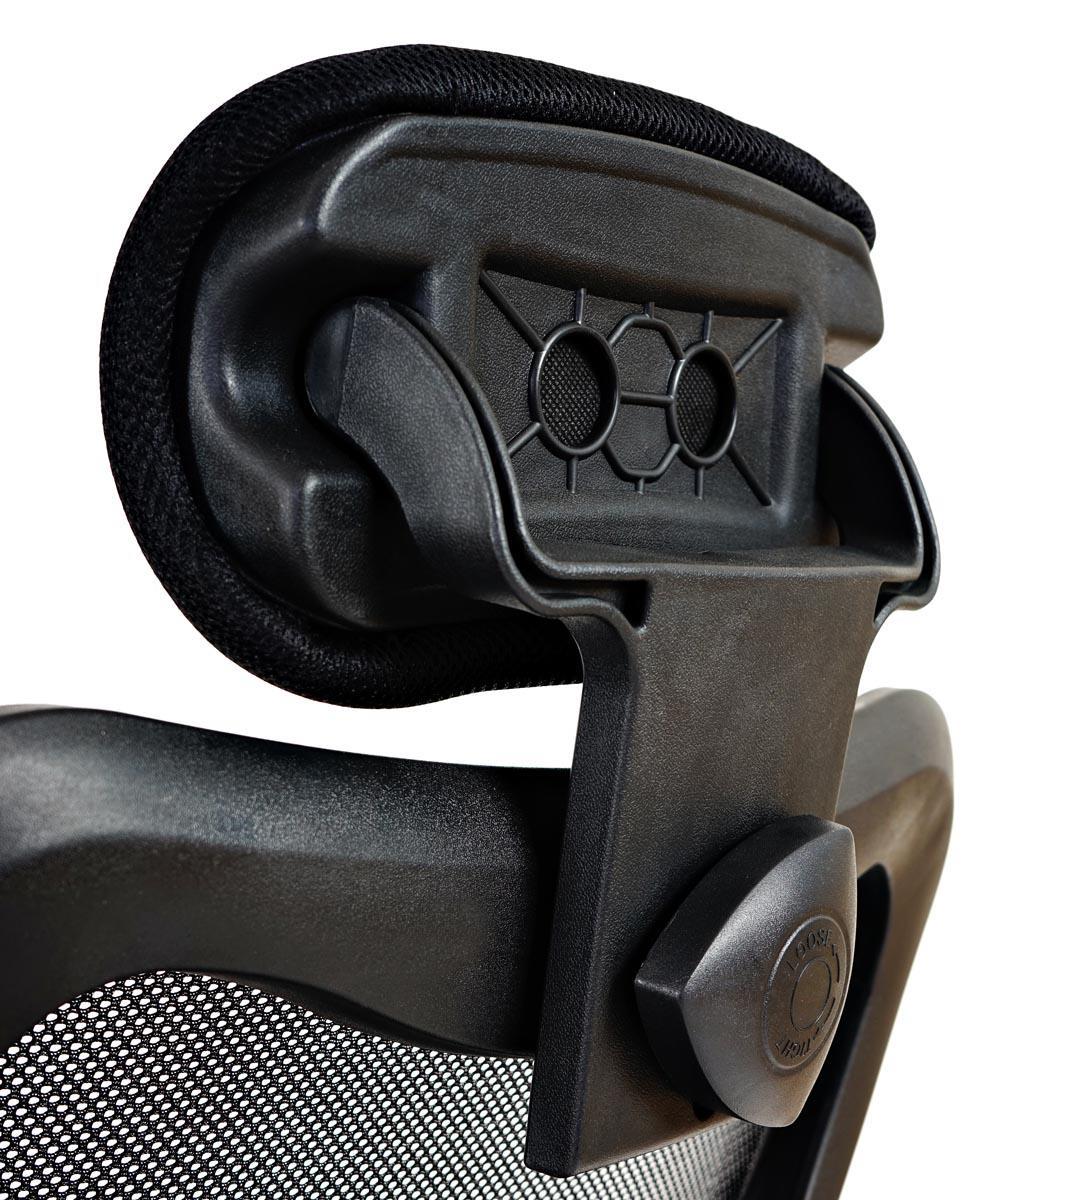 Sedia ergonomica zelia sostegno lombare imbottito base for Sedia ergonomica